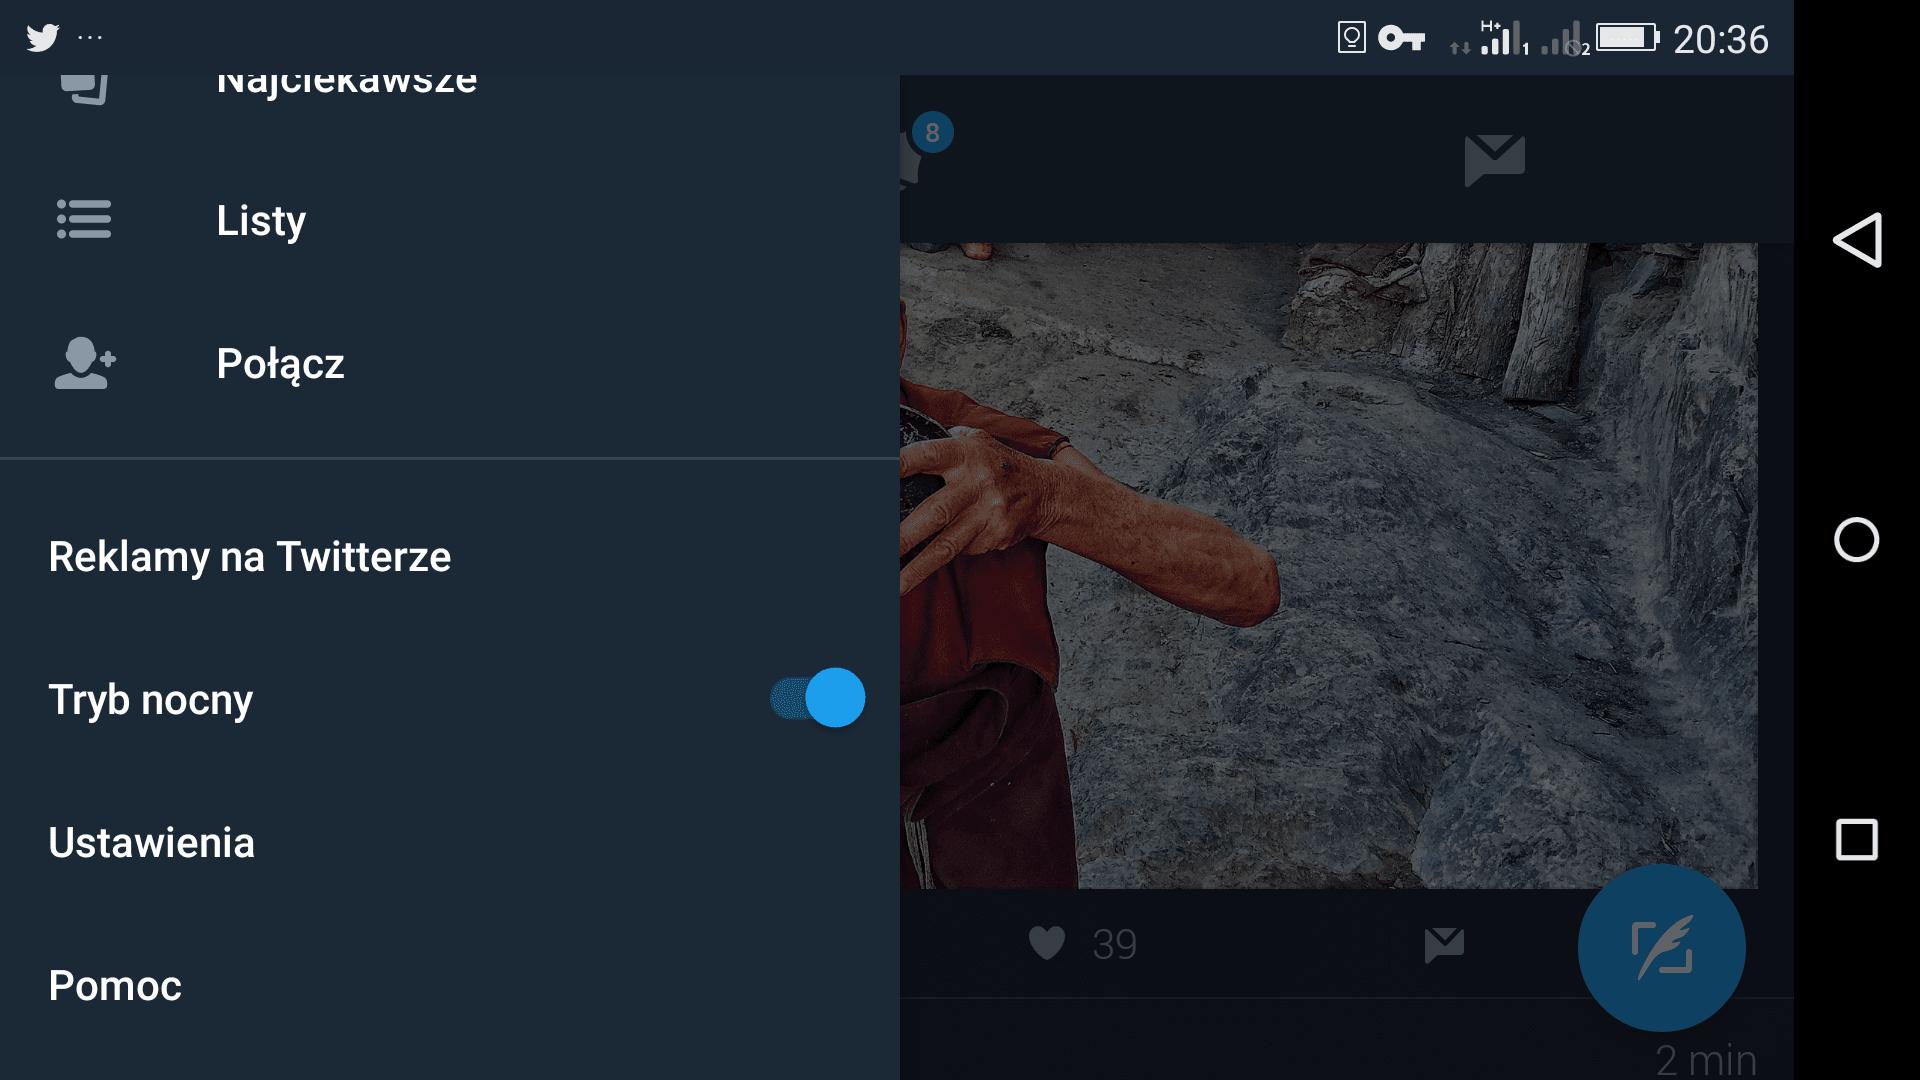 Tabletowo.pl KRÓTKO: Twitter ma już tryb nocny - biorę go w ciemno Aktualizacje Aplikacje Social Media